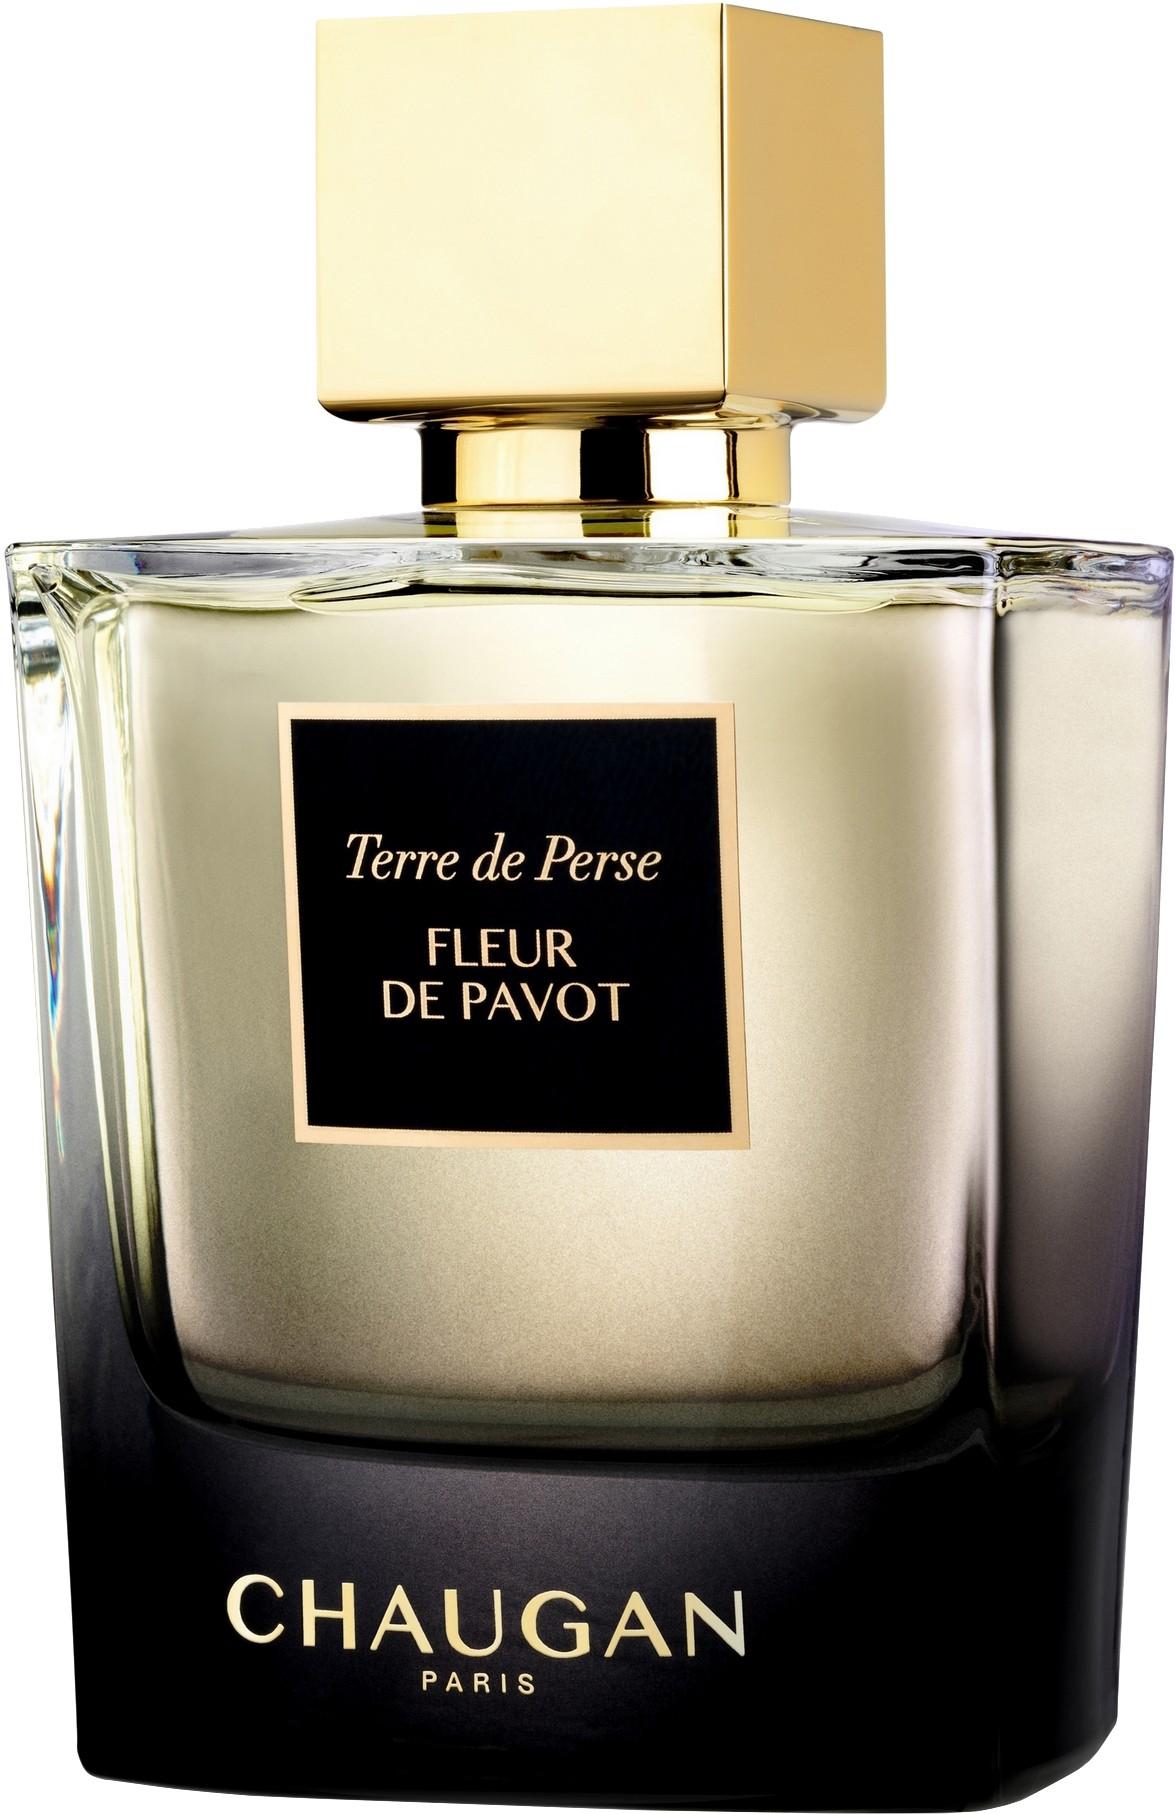 Chaugan Fleur de Pavot парфюмированная вода 100мл (ШоганМаковый Цветок)